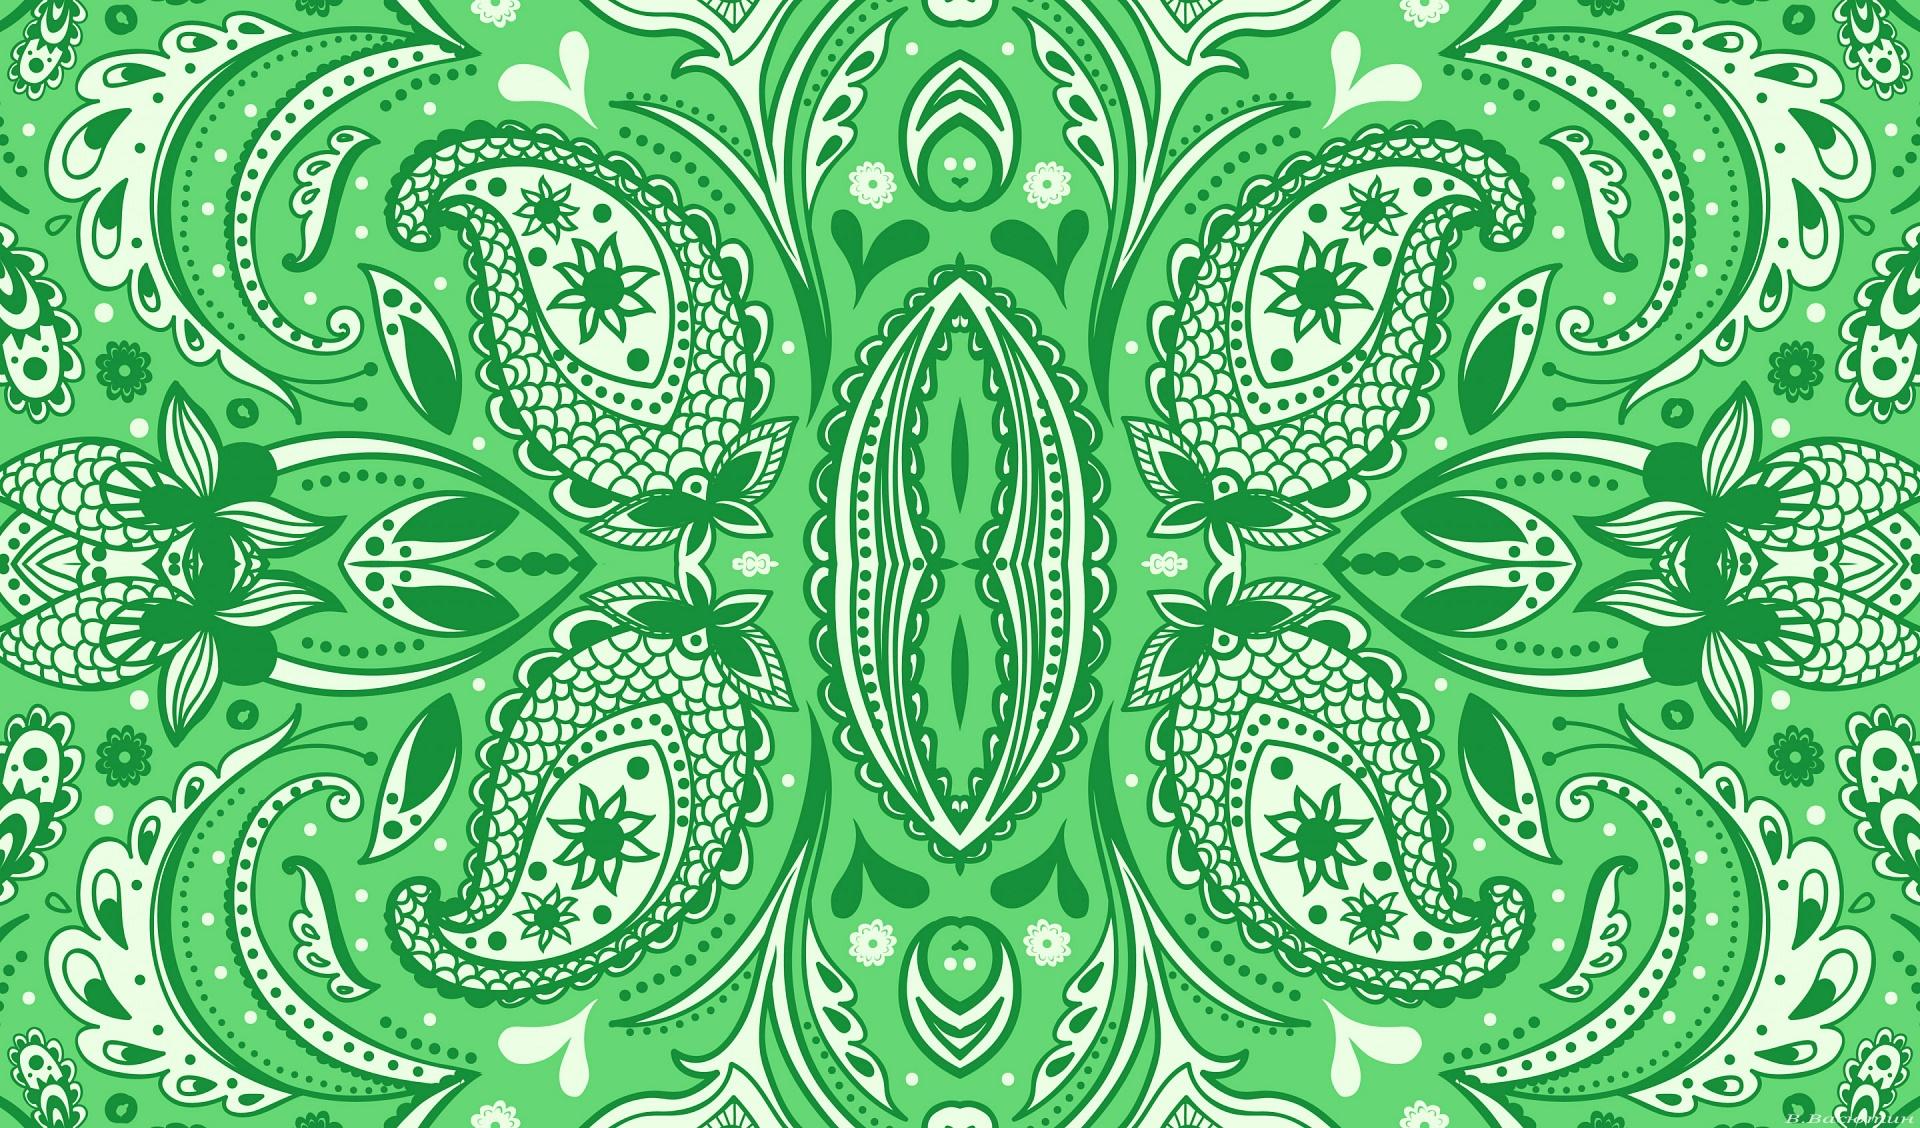 фотографии картинки с узорами зеленый цвет вот пляже самое